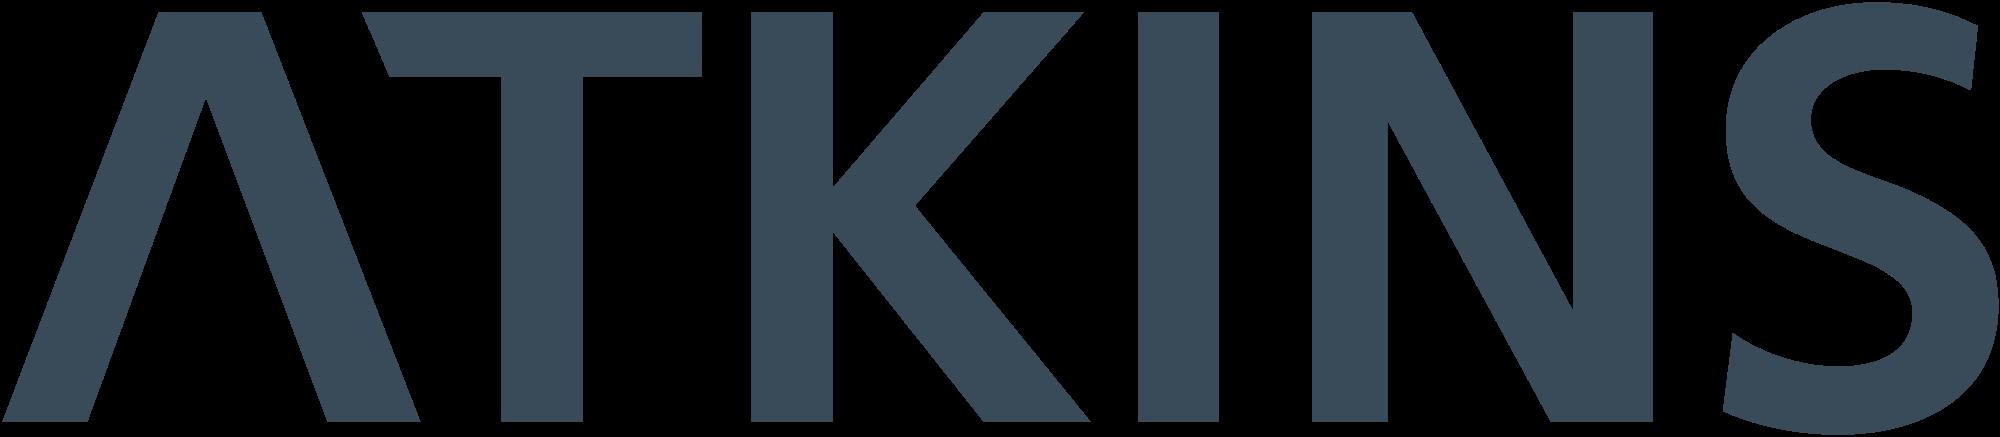 atkins logo.png